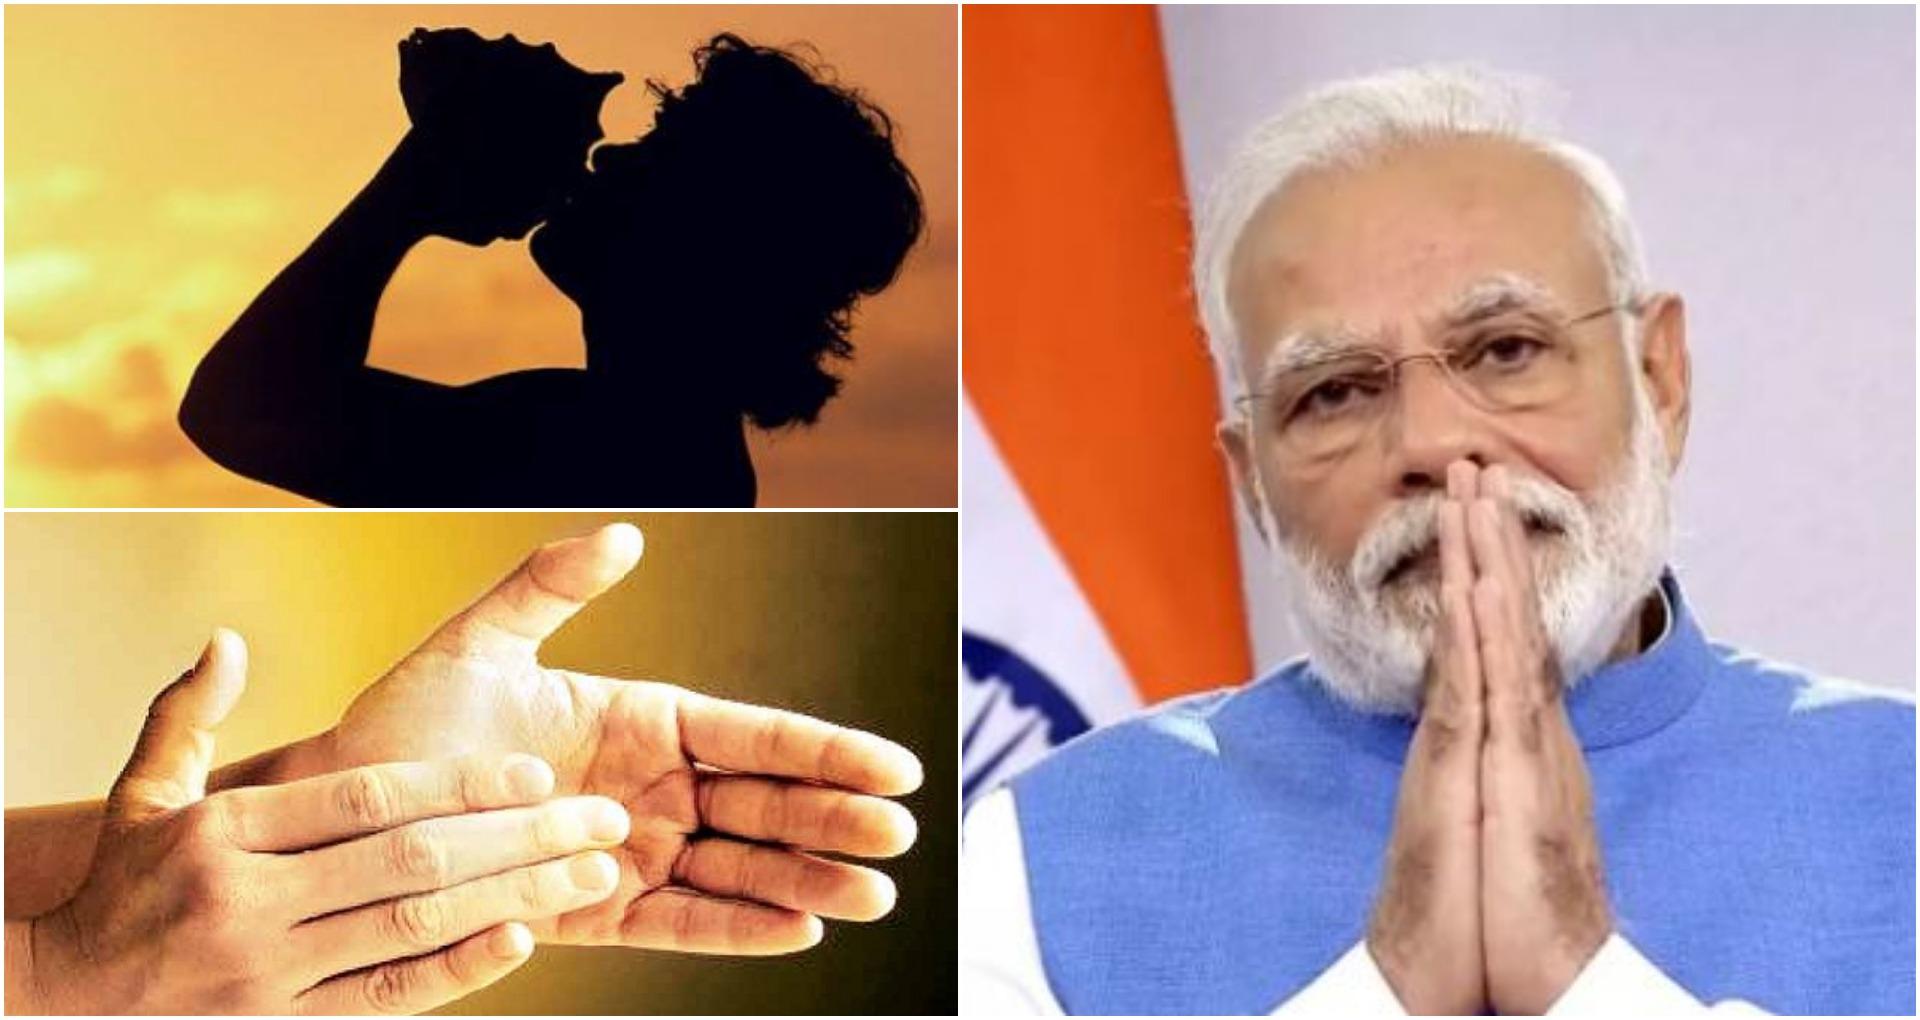 Coronavirus:PM Modi ने की 5 बजे 5 मिनट तक ताली-थाली बजाने की अपील,आयुर्वेद में है इसका बड़ा महत्व